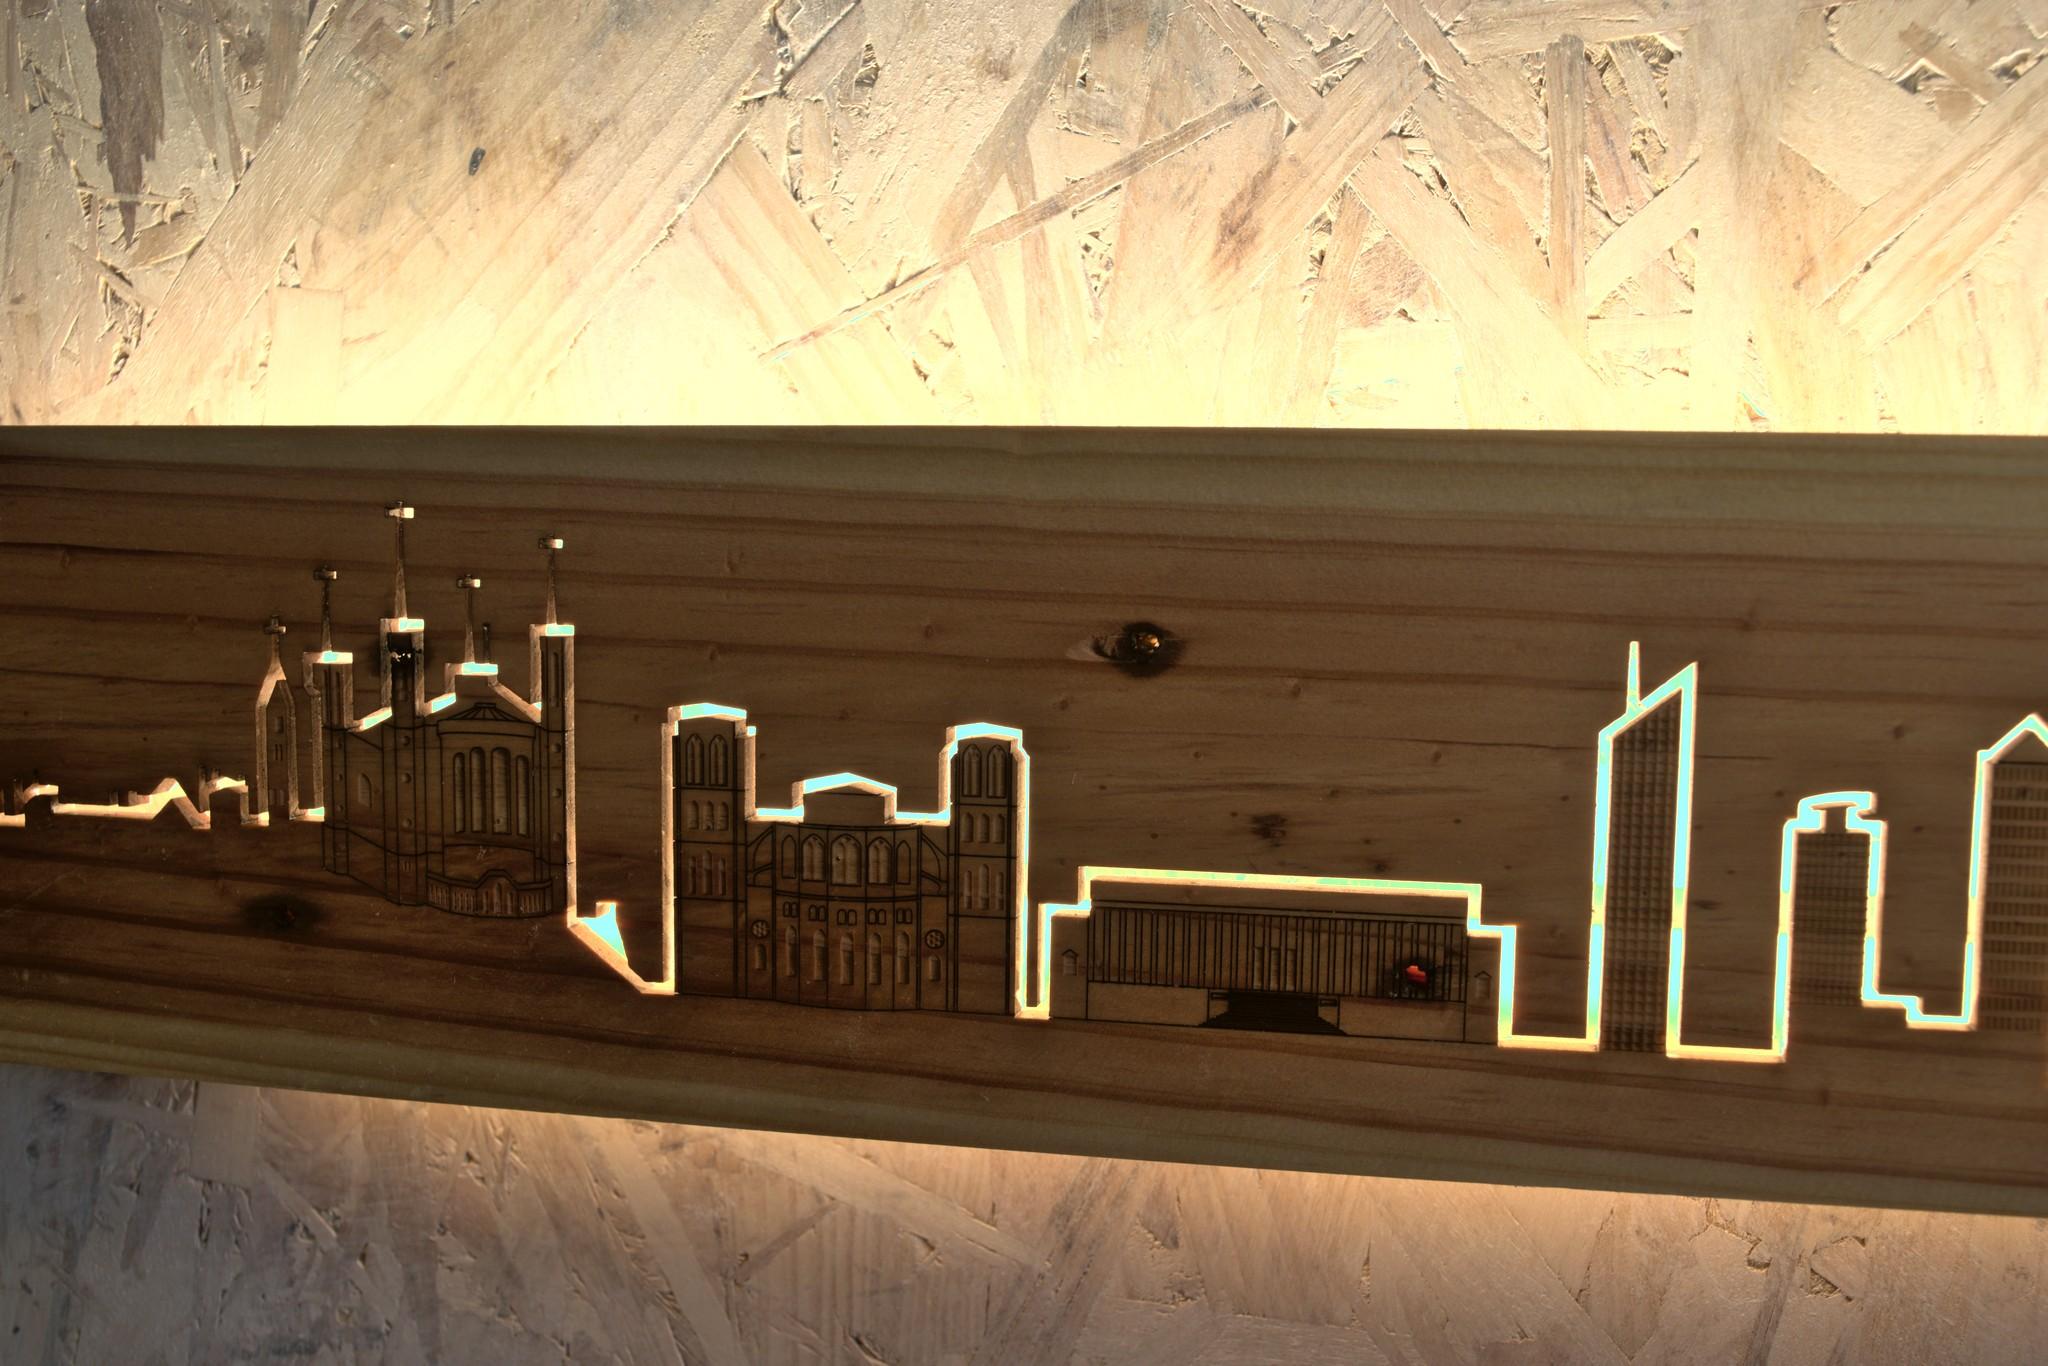 Gros plan de la skyline allumé